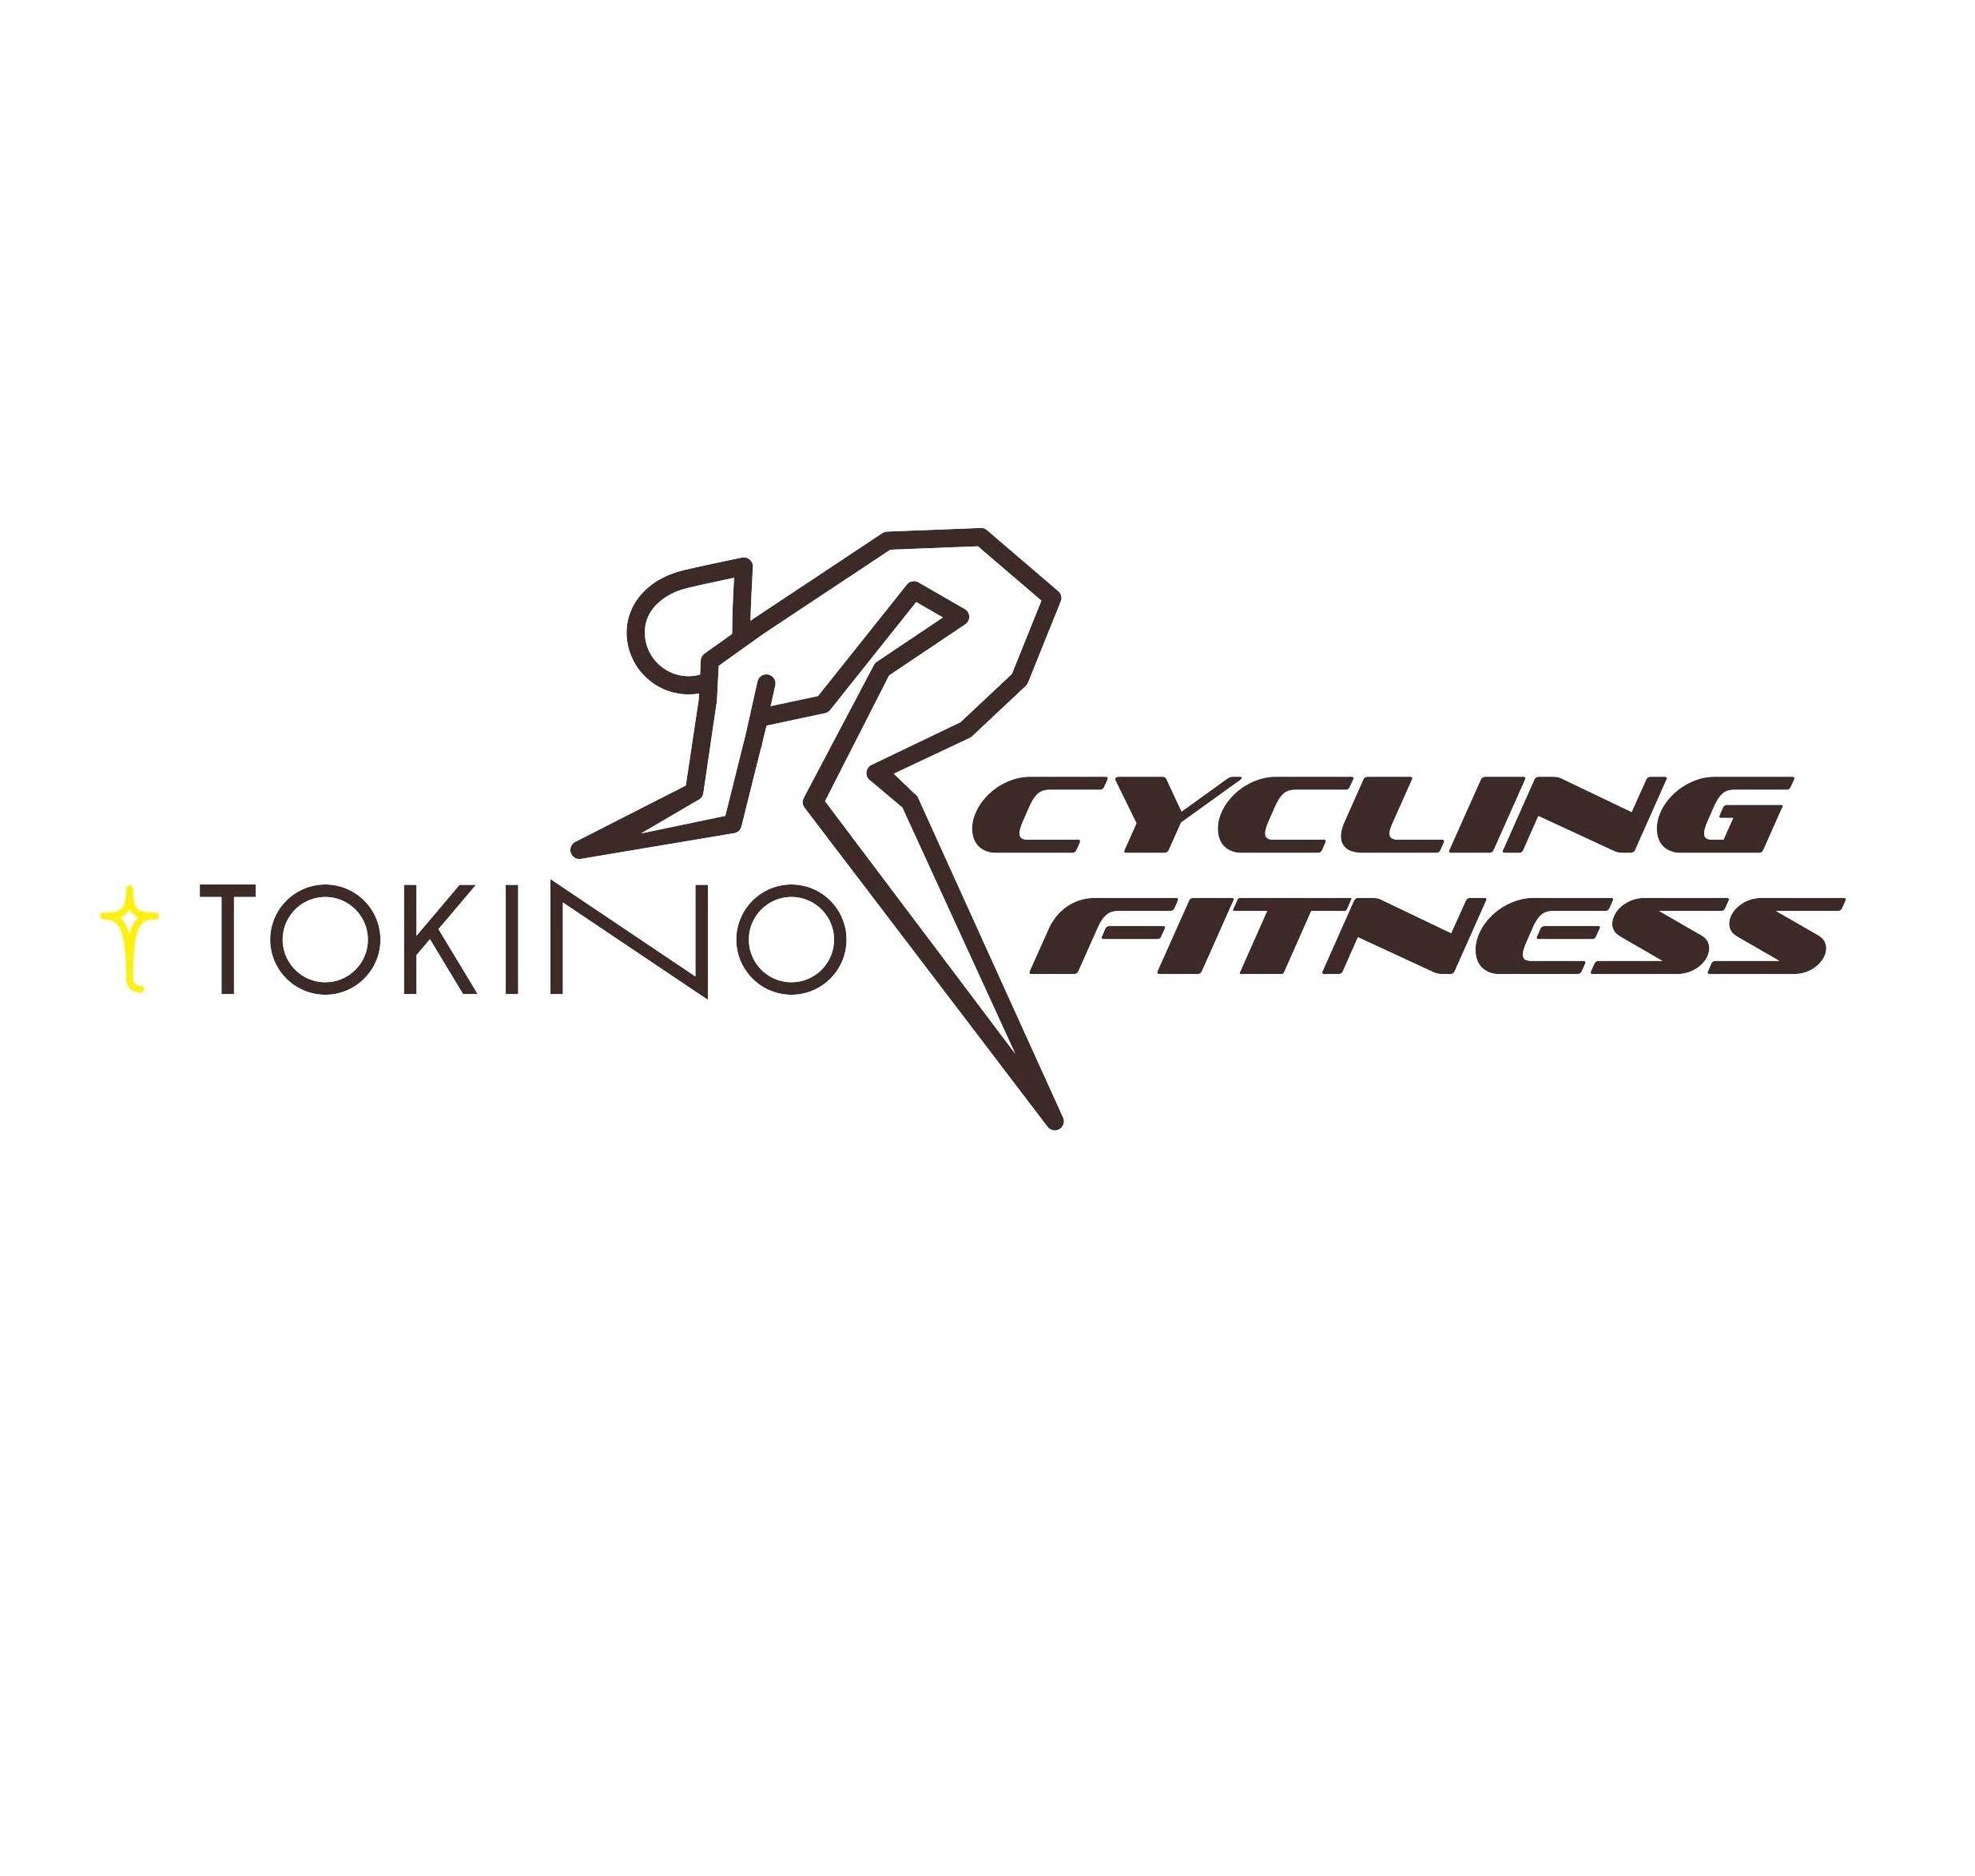 GERONIMO&T TOKINOトライアスロンバイクスクール